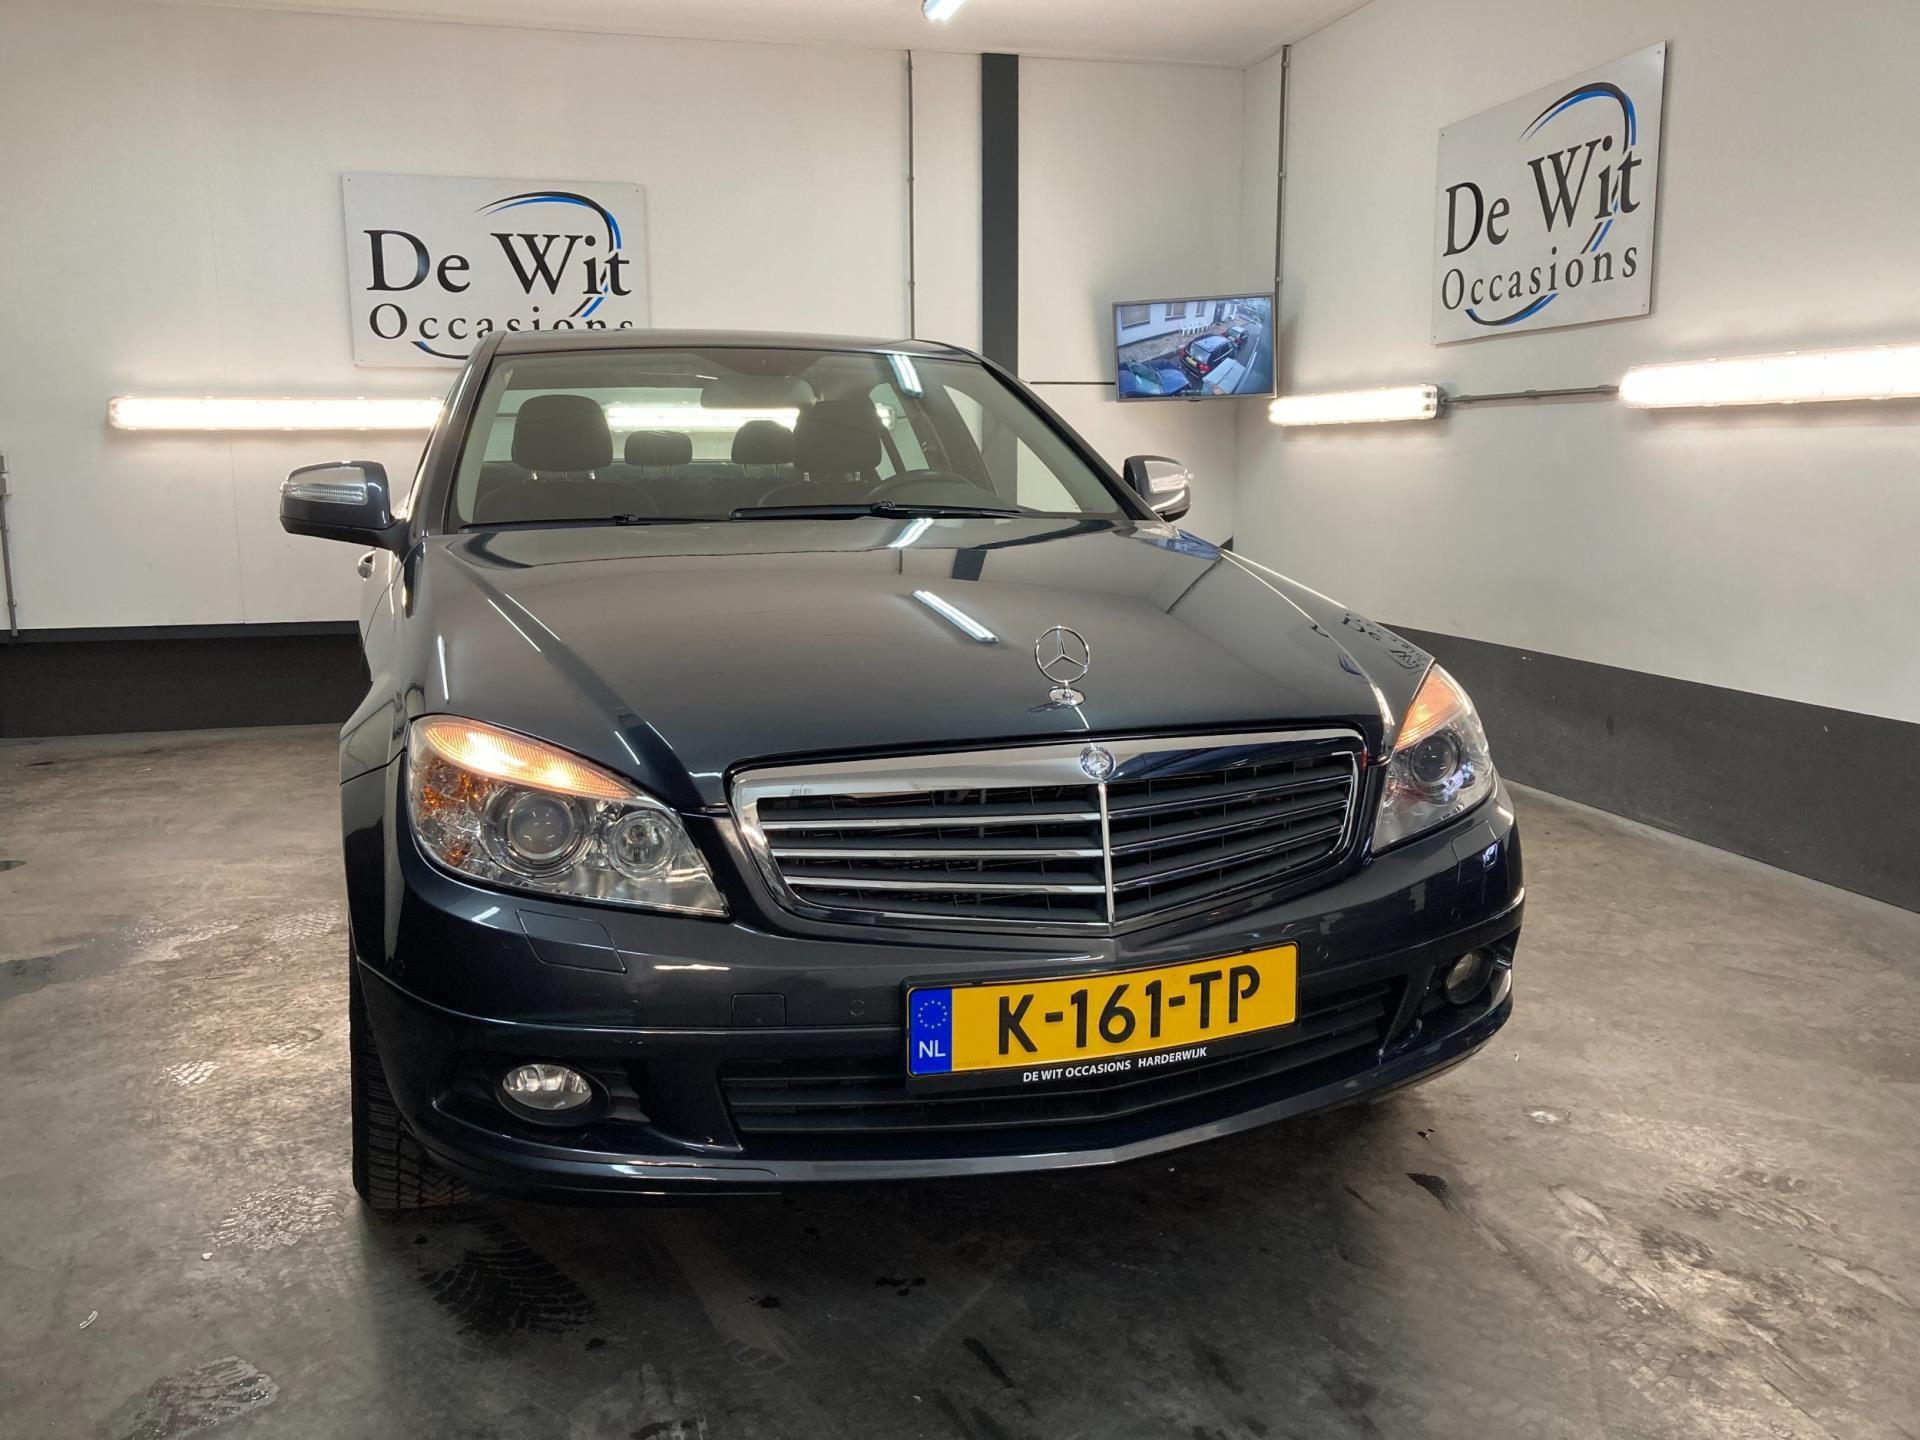 Mercedes-Benz C-klasse occasion - De Wit Occasions